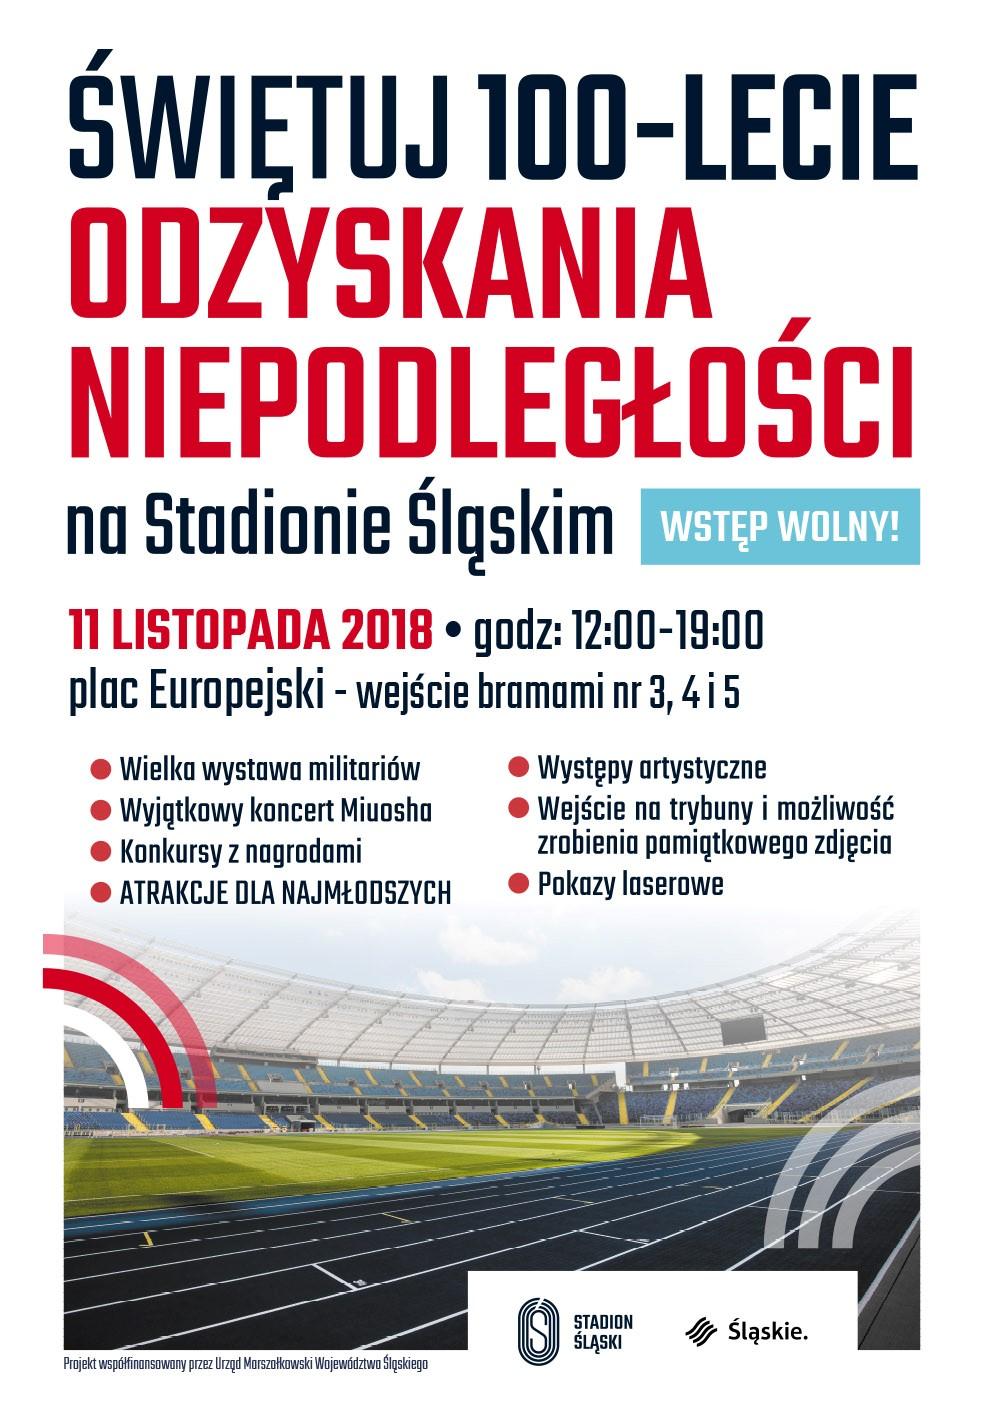 Świętuj 100-Lecie Odzyskania Niepodległości Na Stadionie Śląskim